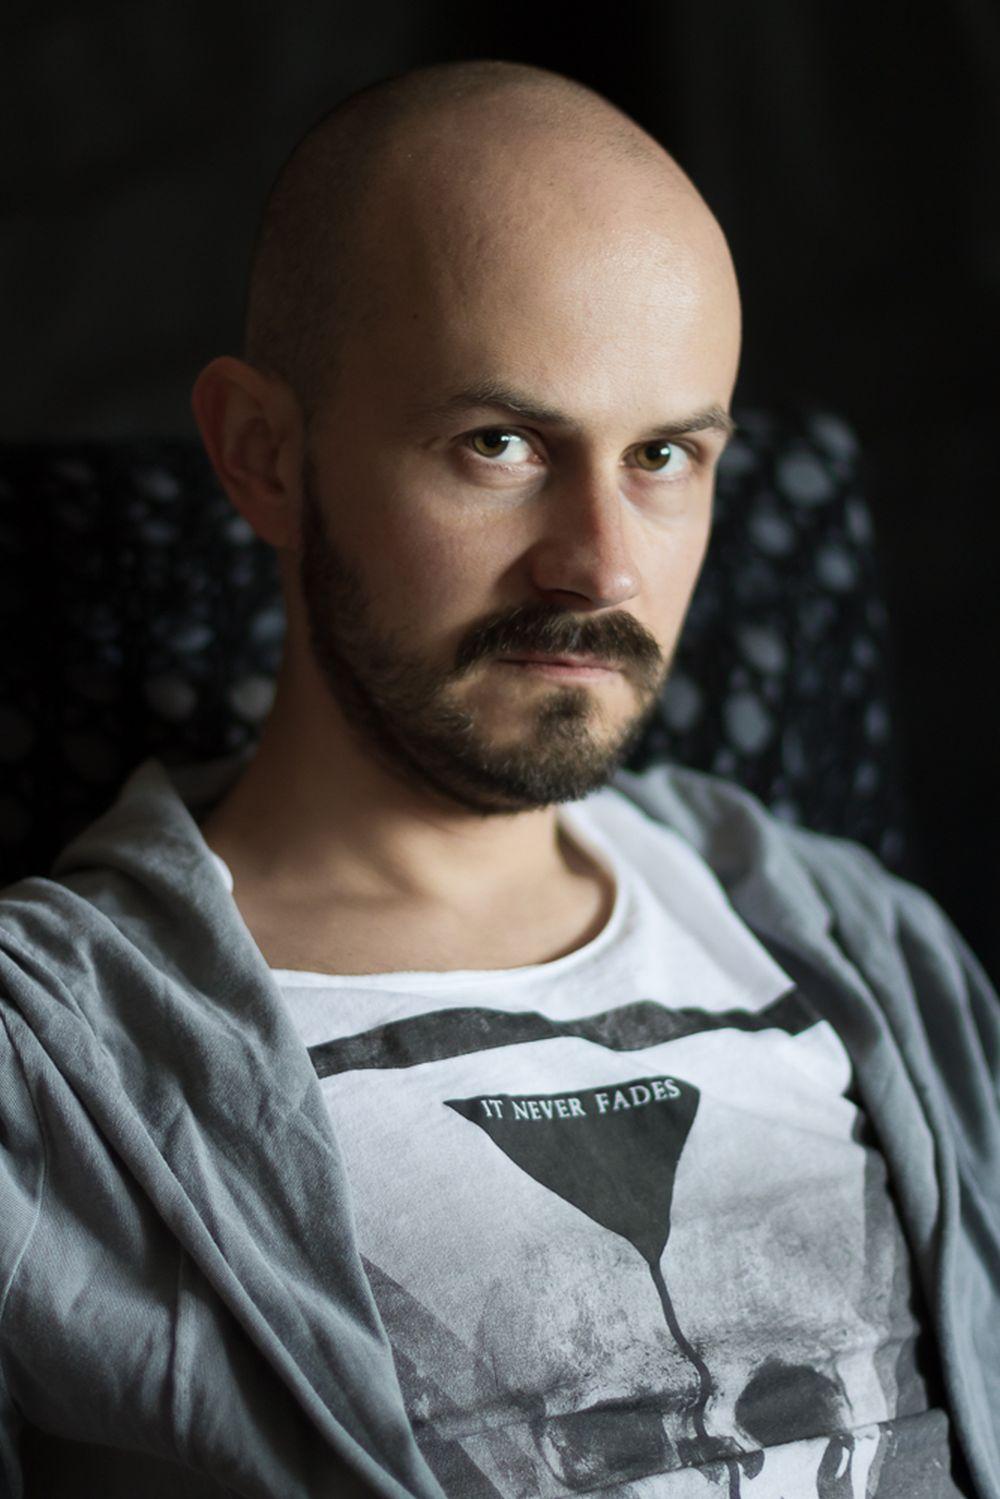 Robert Rient (fot. Joanna Woźniak)